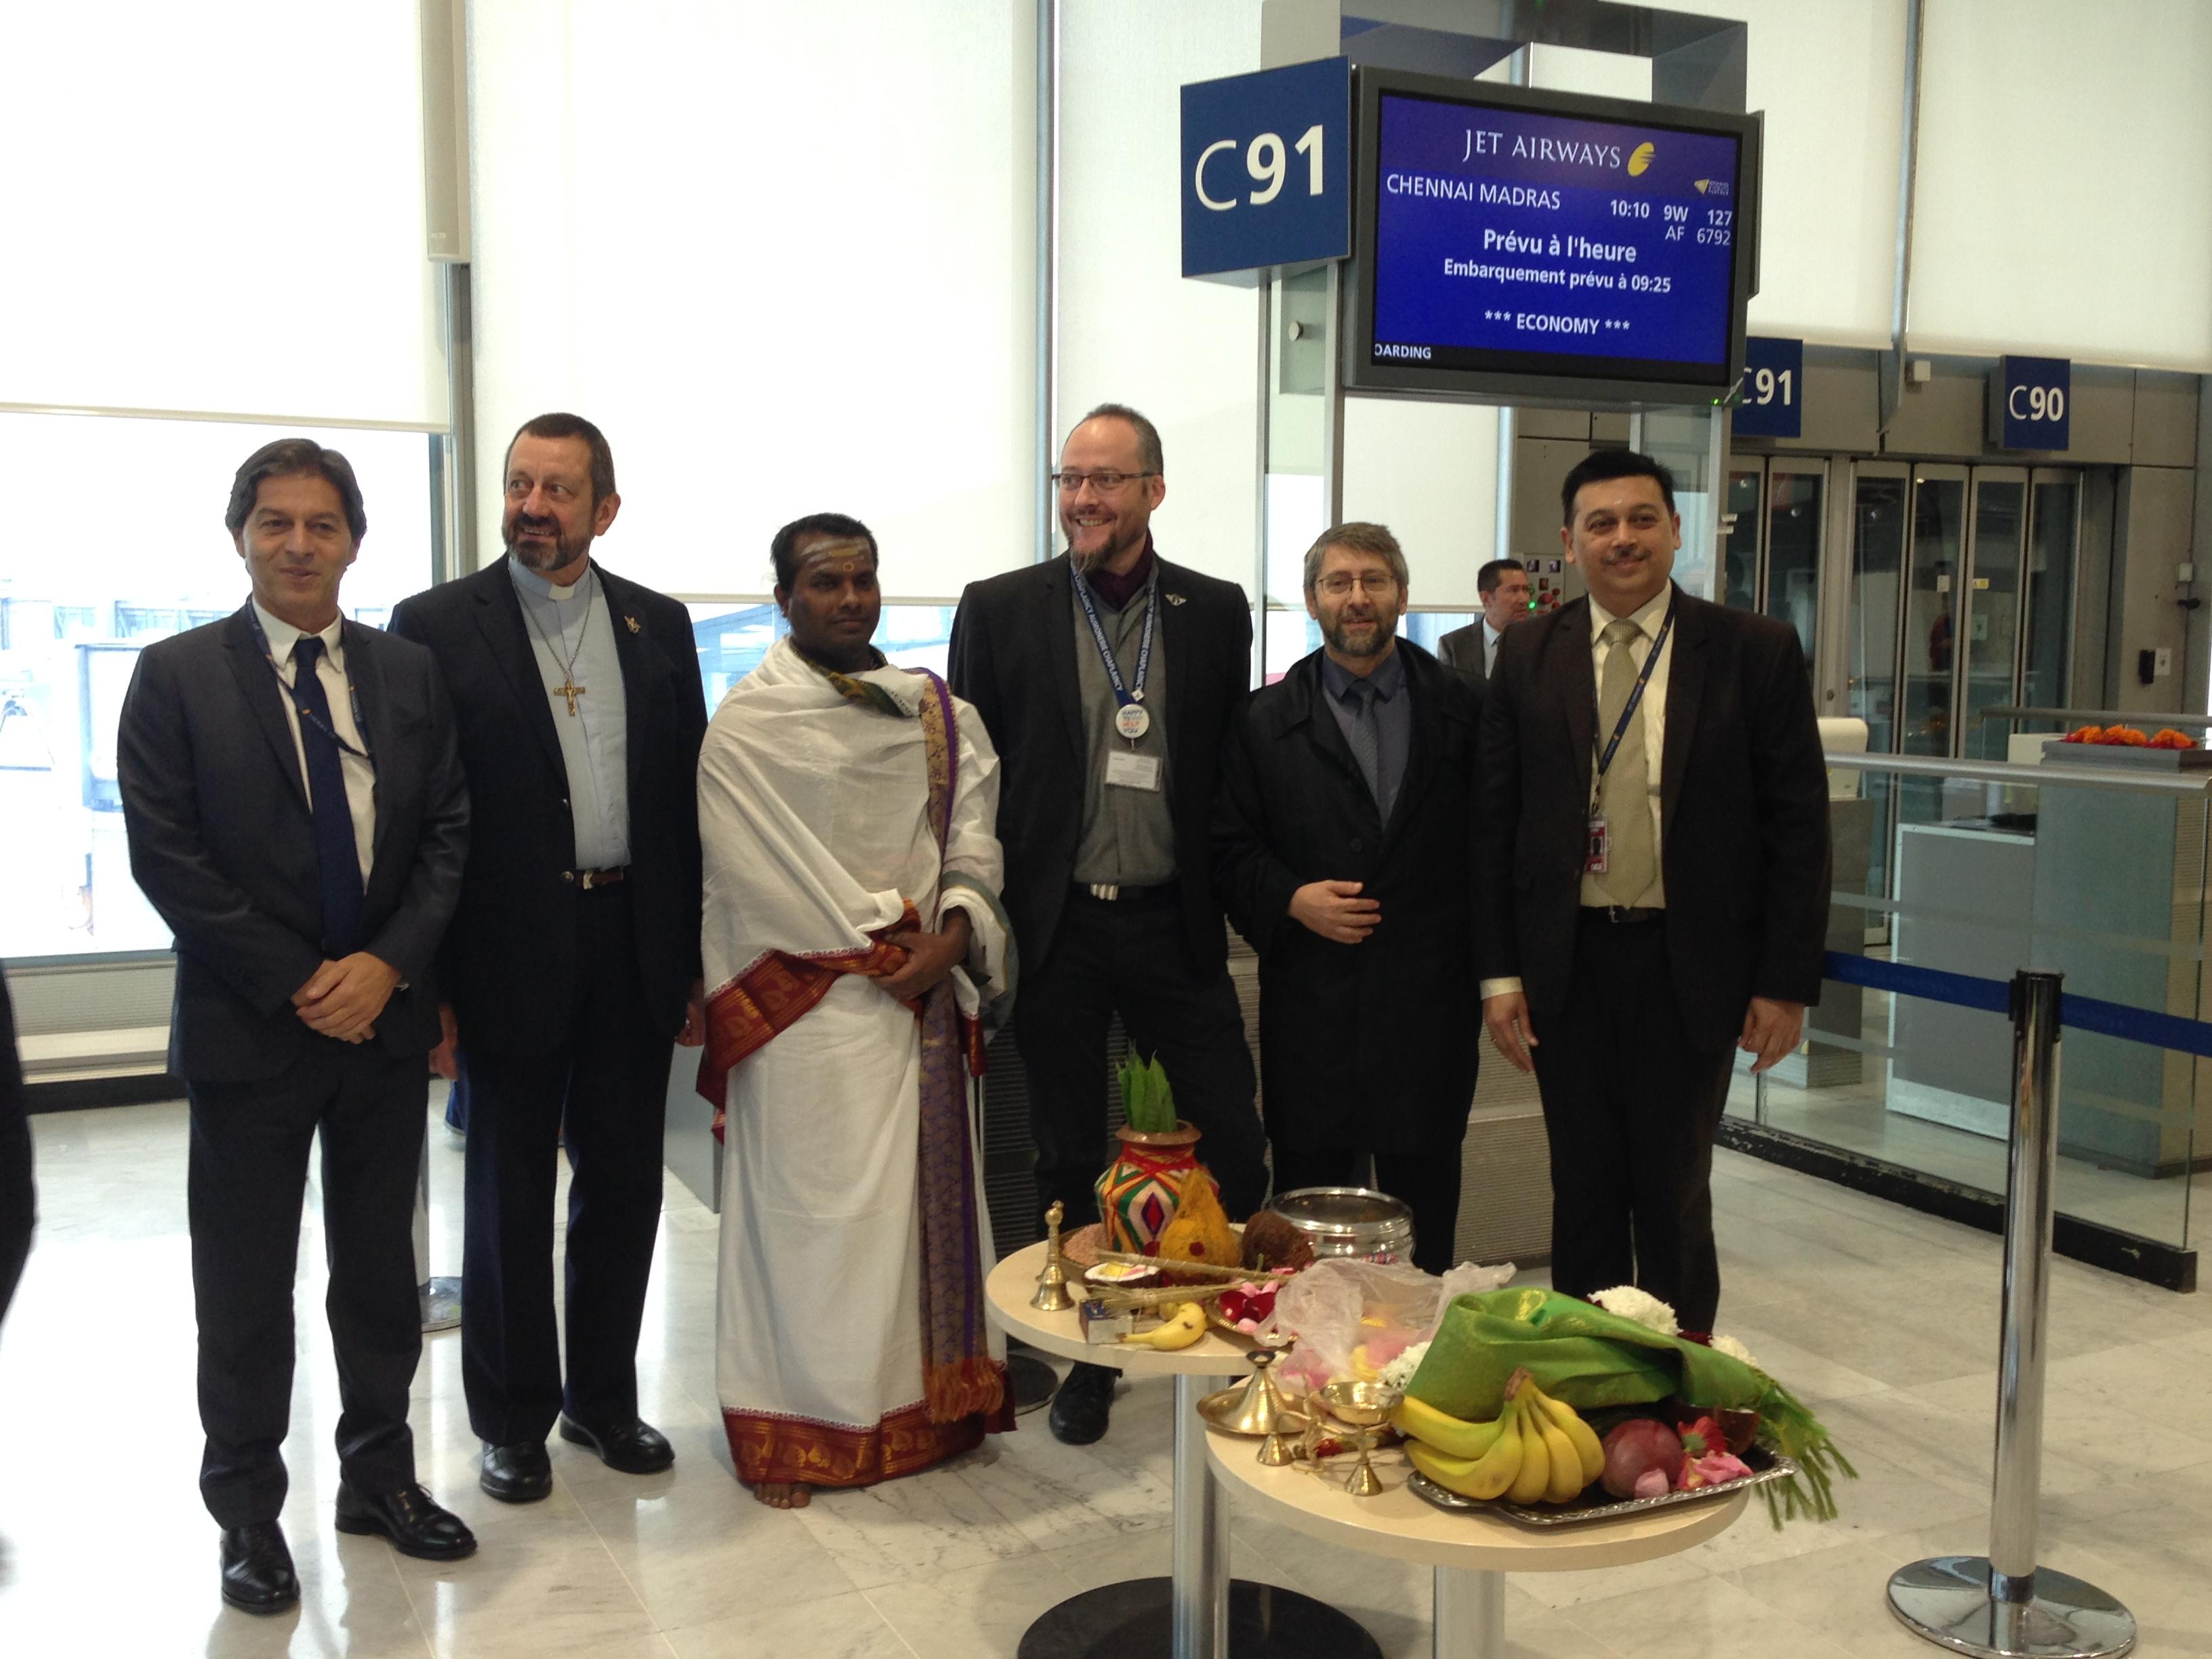 Jet Airways a lancé son premier vol non-stop au départ de Paris-CDG (terminal 2C) vers Chennai, opéré 5 jours par semaine (du jeudi au lundi) - DR : C.L.